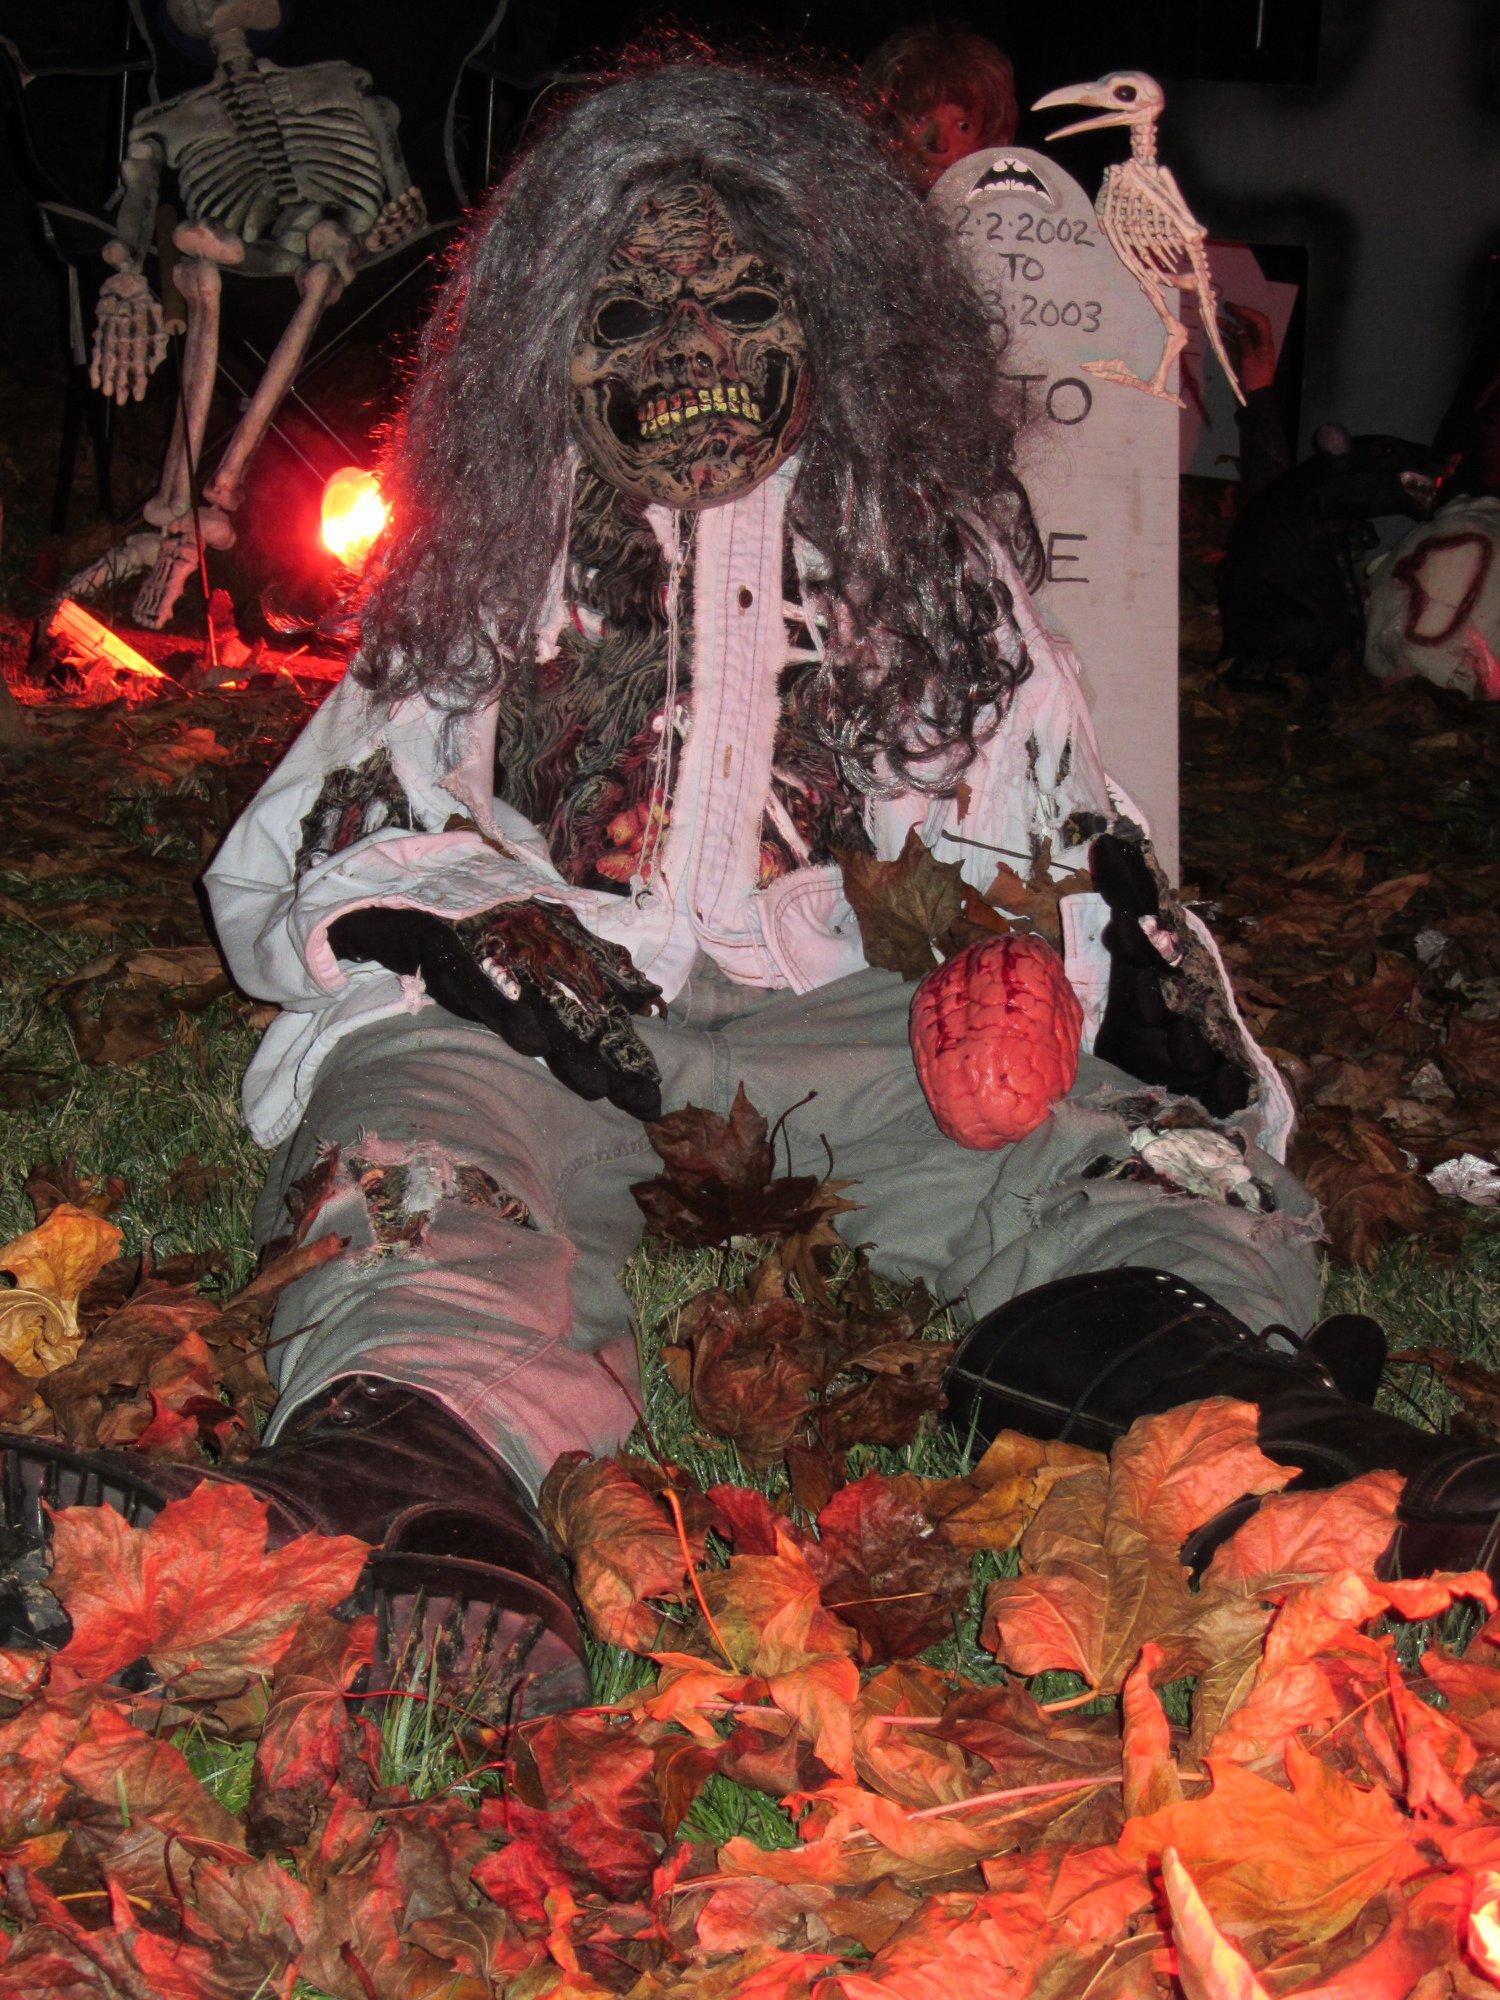 Haunted graveyard - Halloween Attractions in Langley